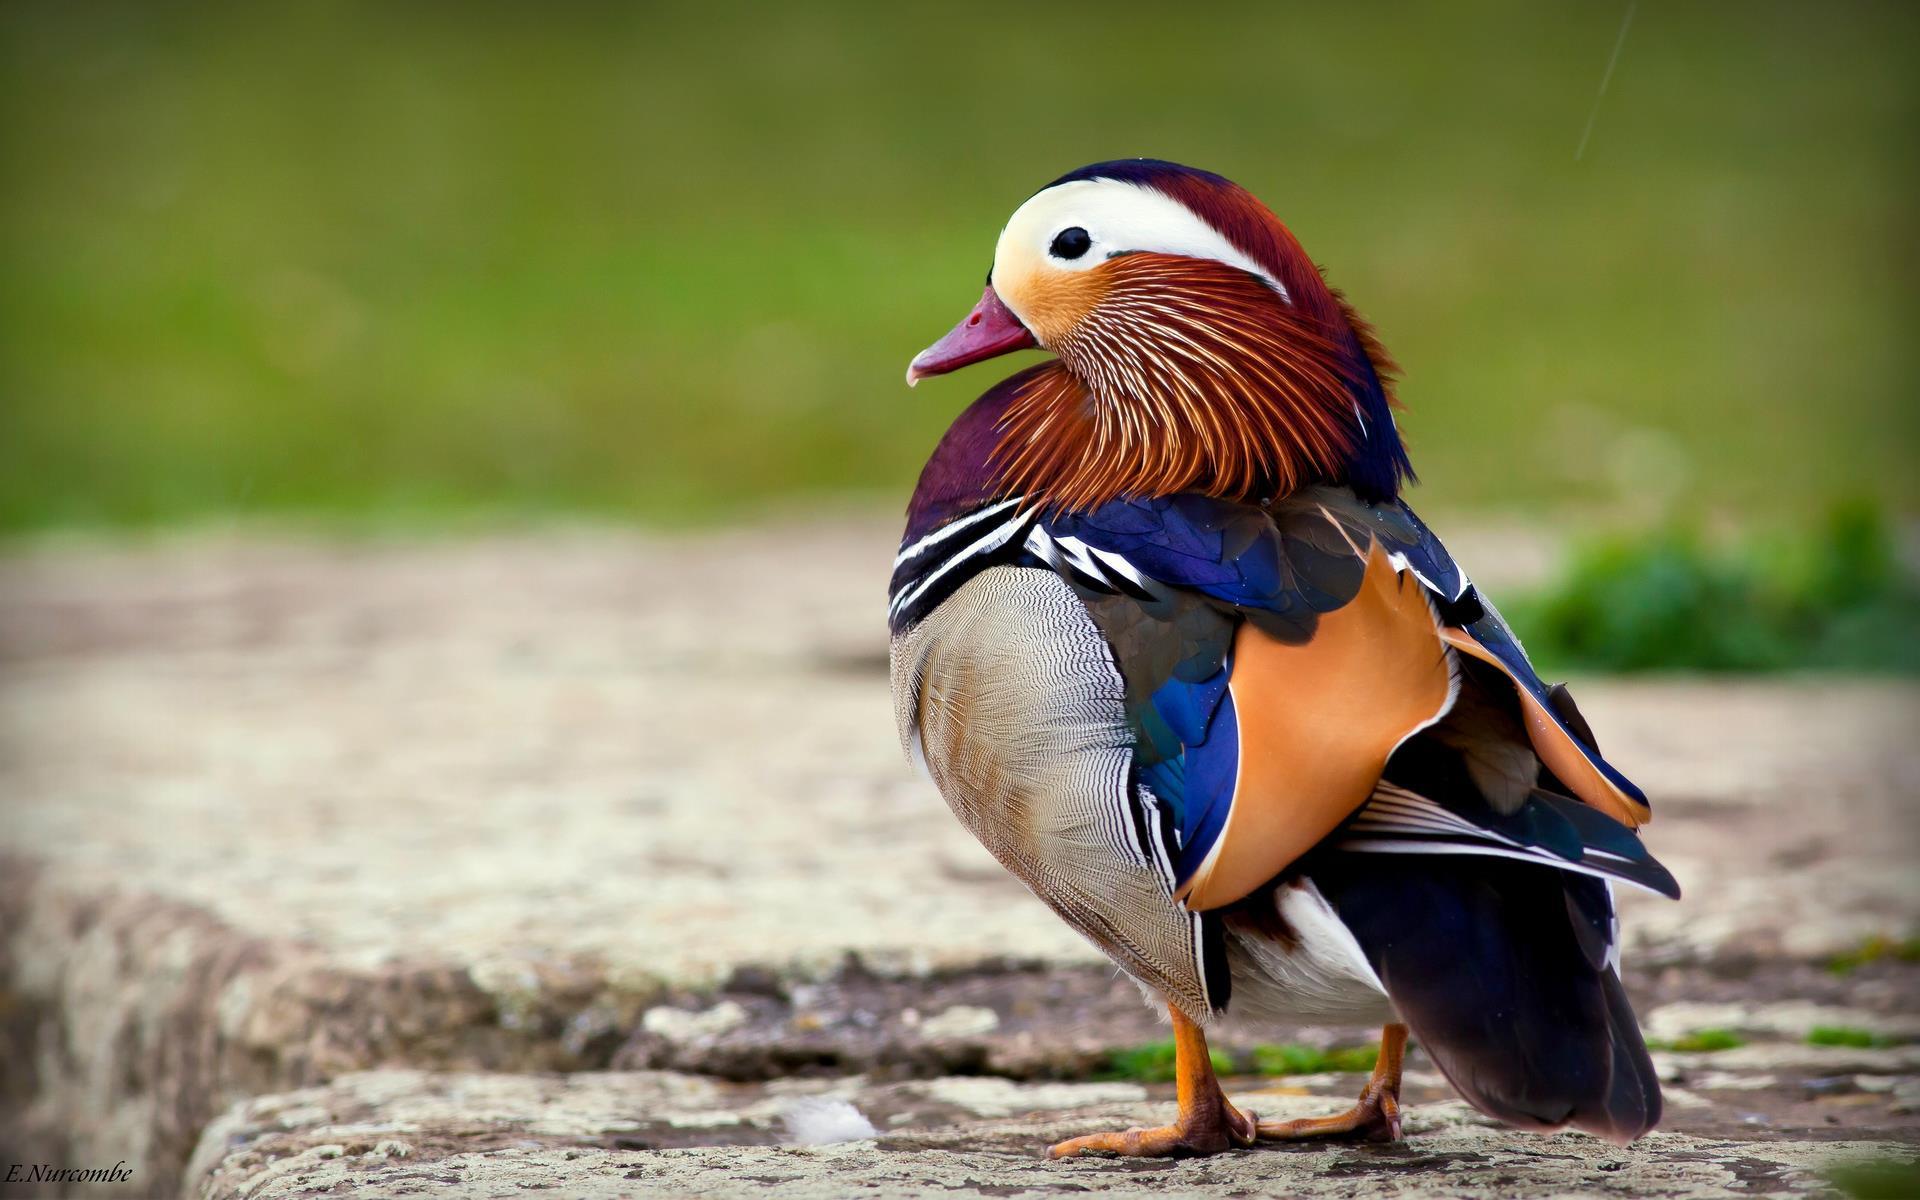 oiseaux-du-monde-en-images-et-fonds-ecran_04